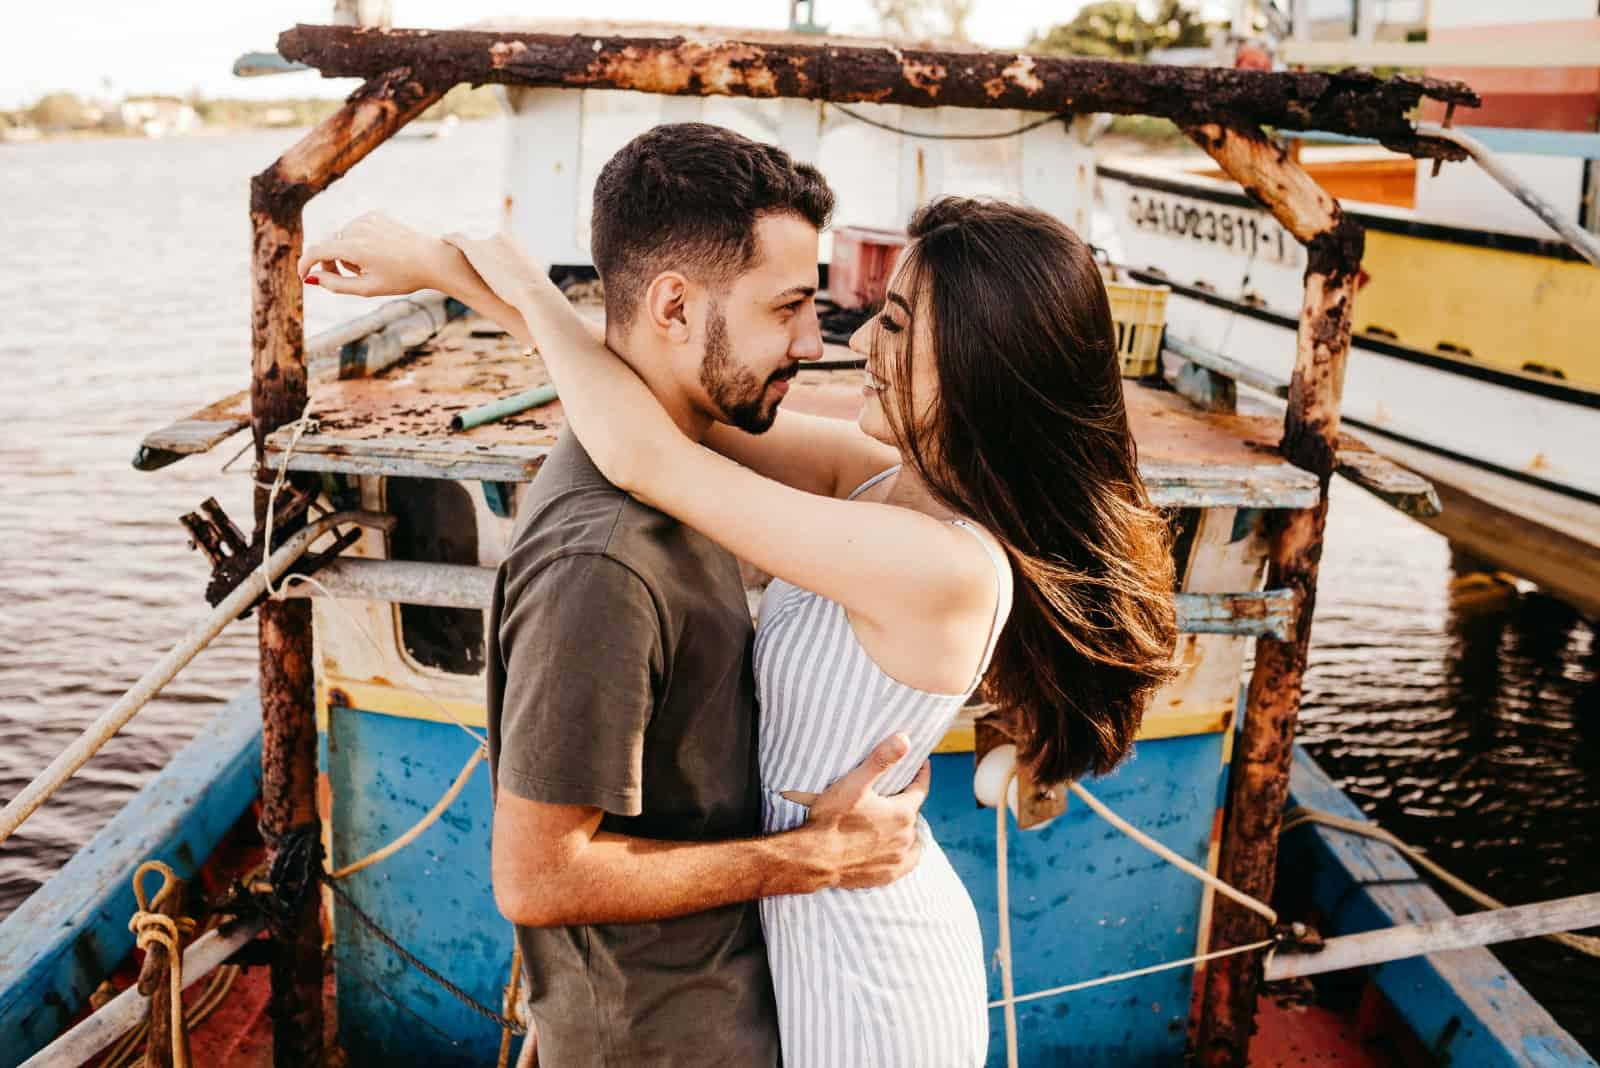 un homme et une femme s'embrassant en se tenant près de l'eau